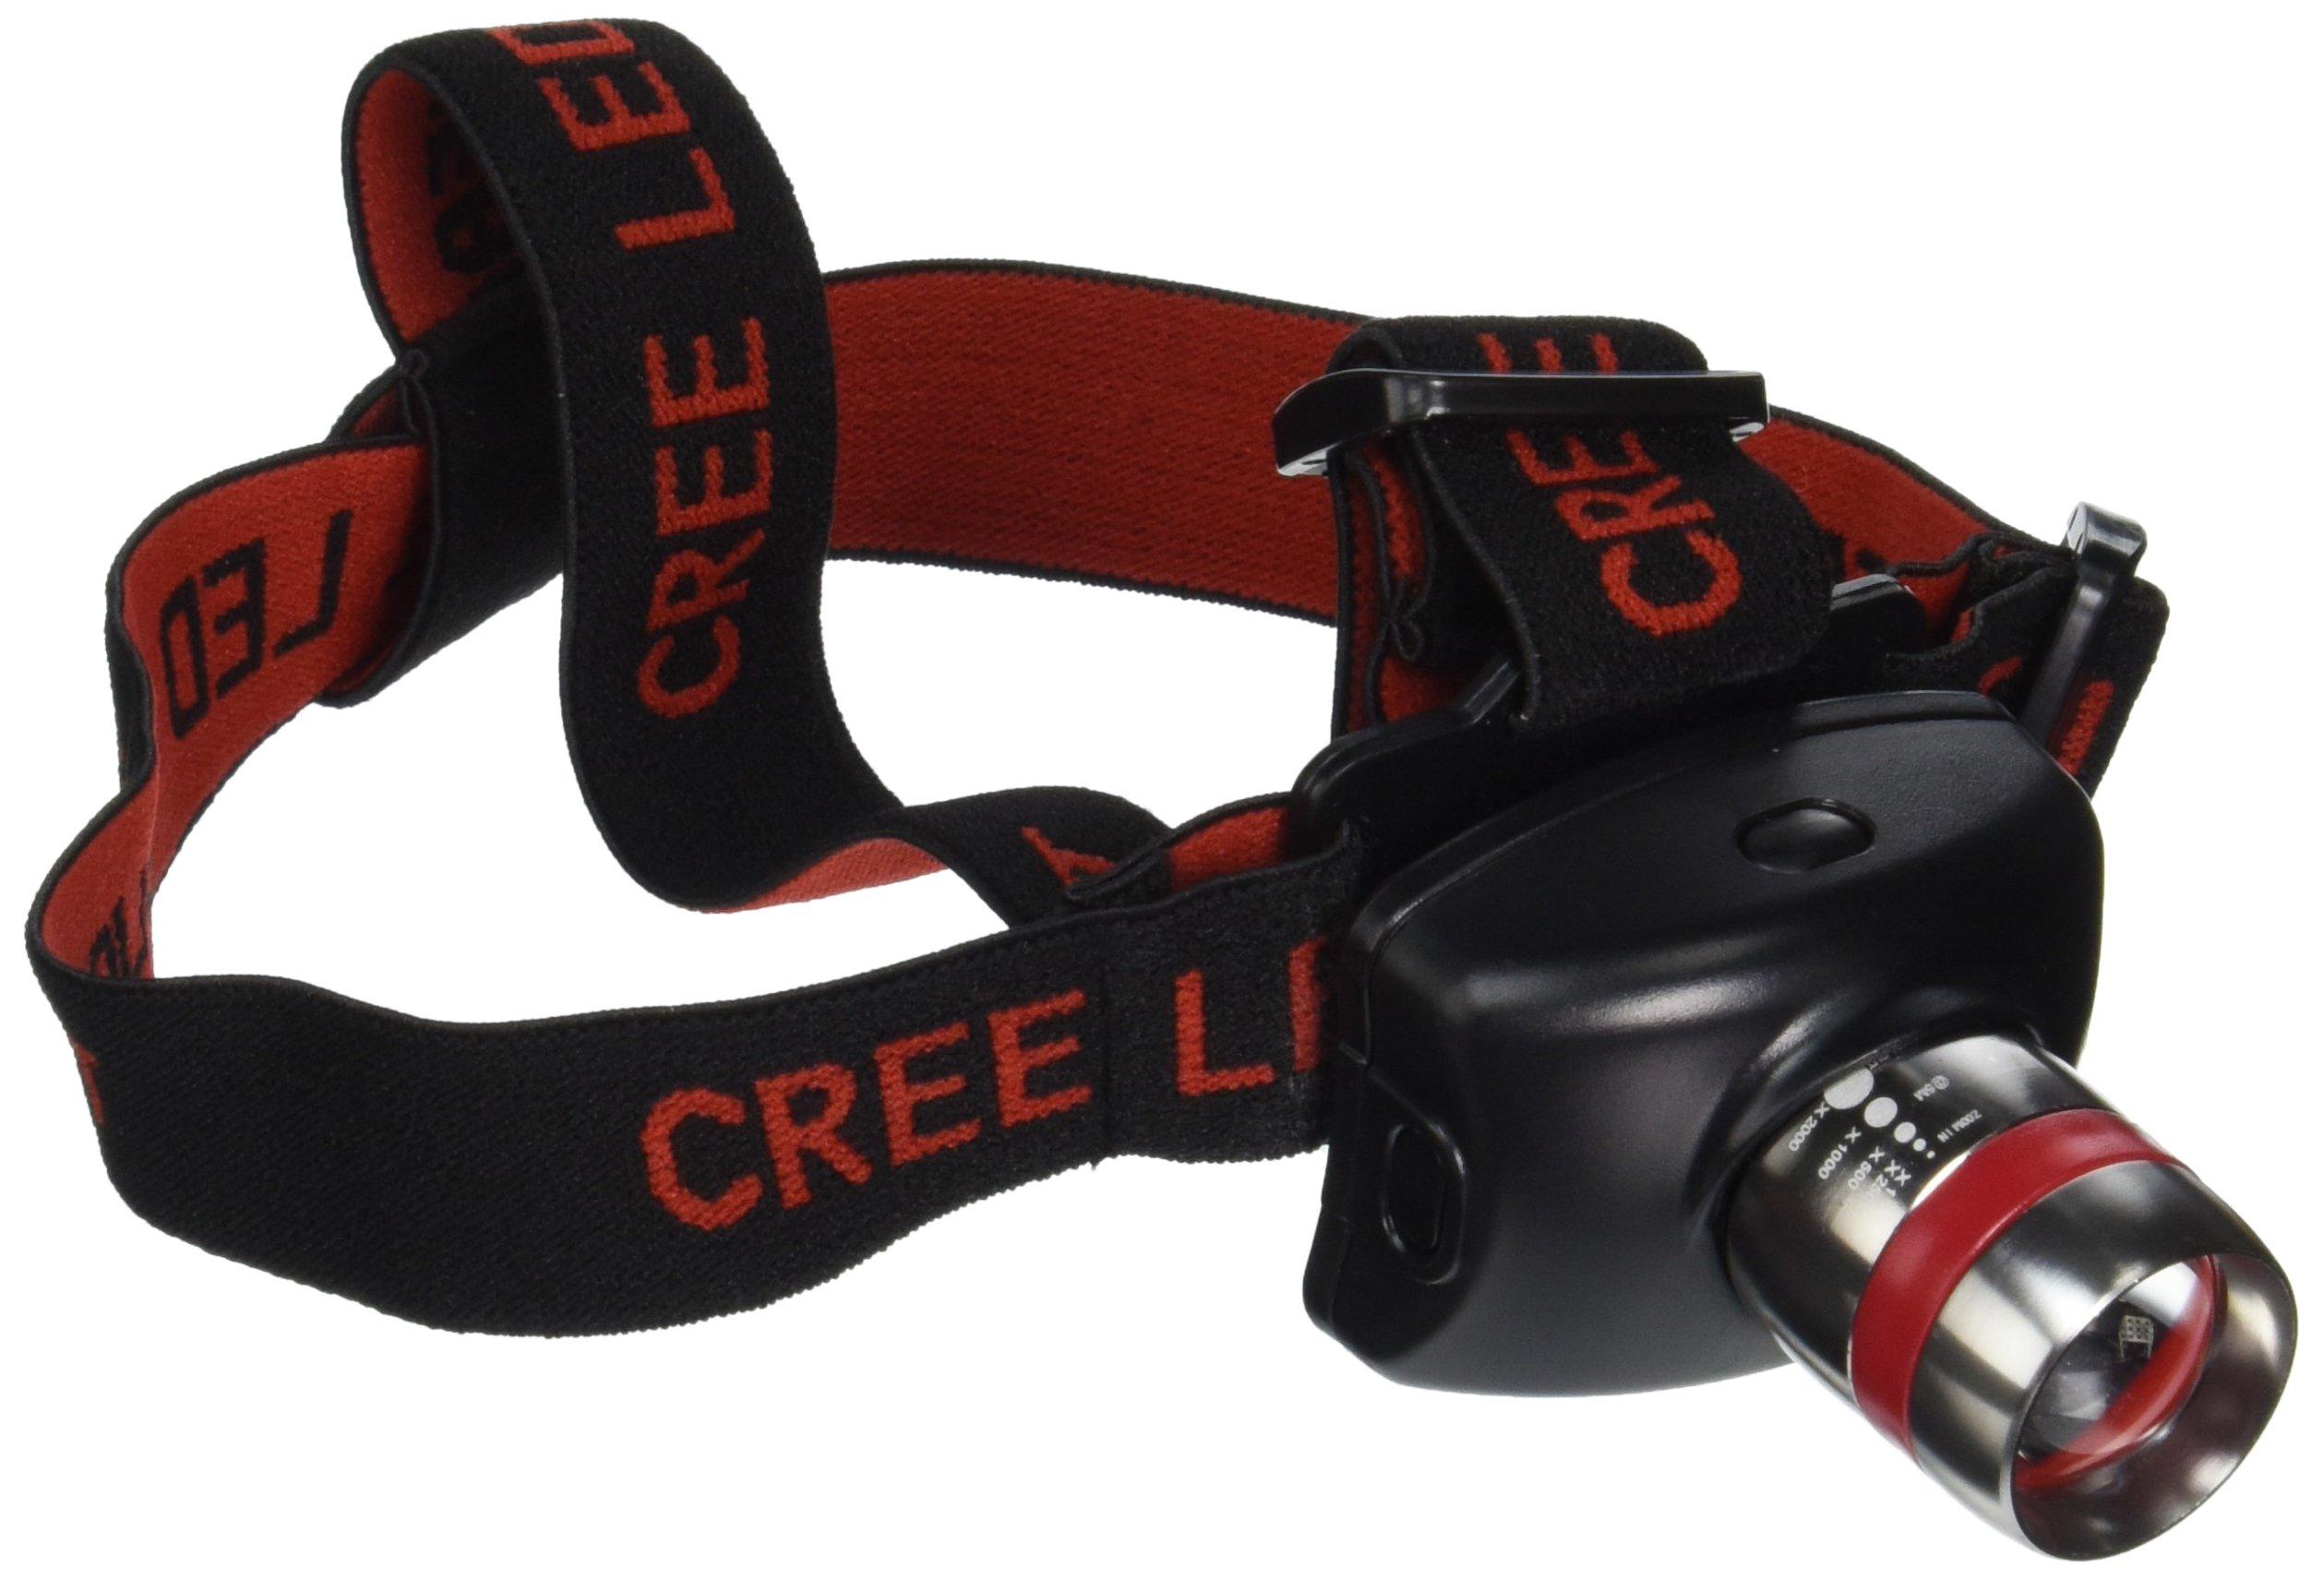 Grafco 570 LED Headlight